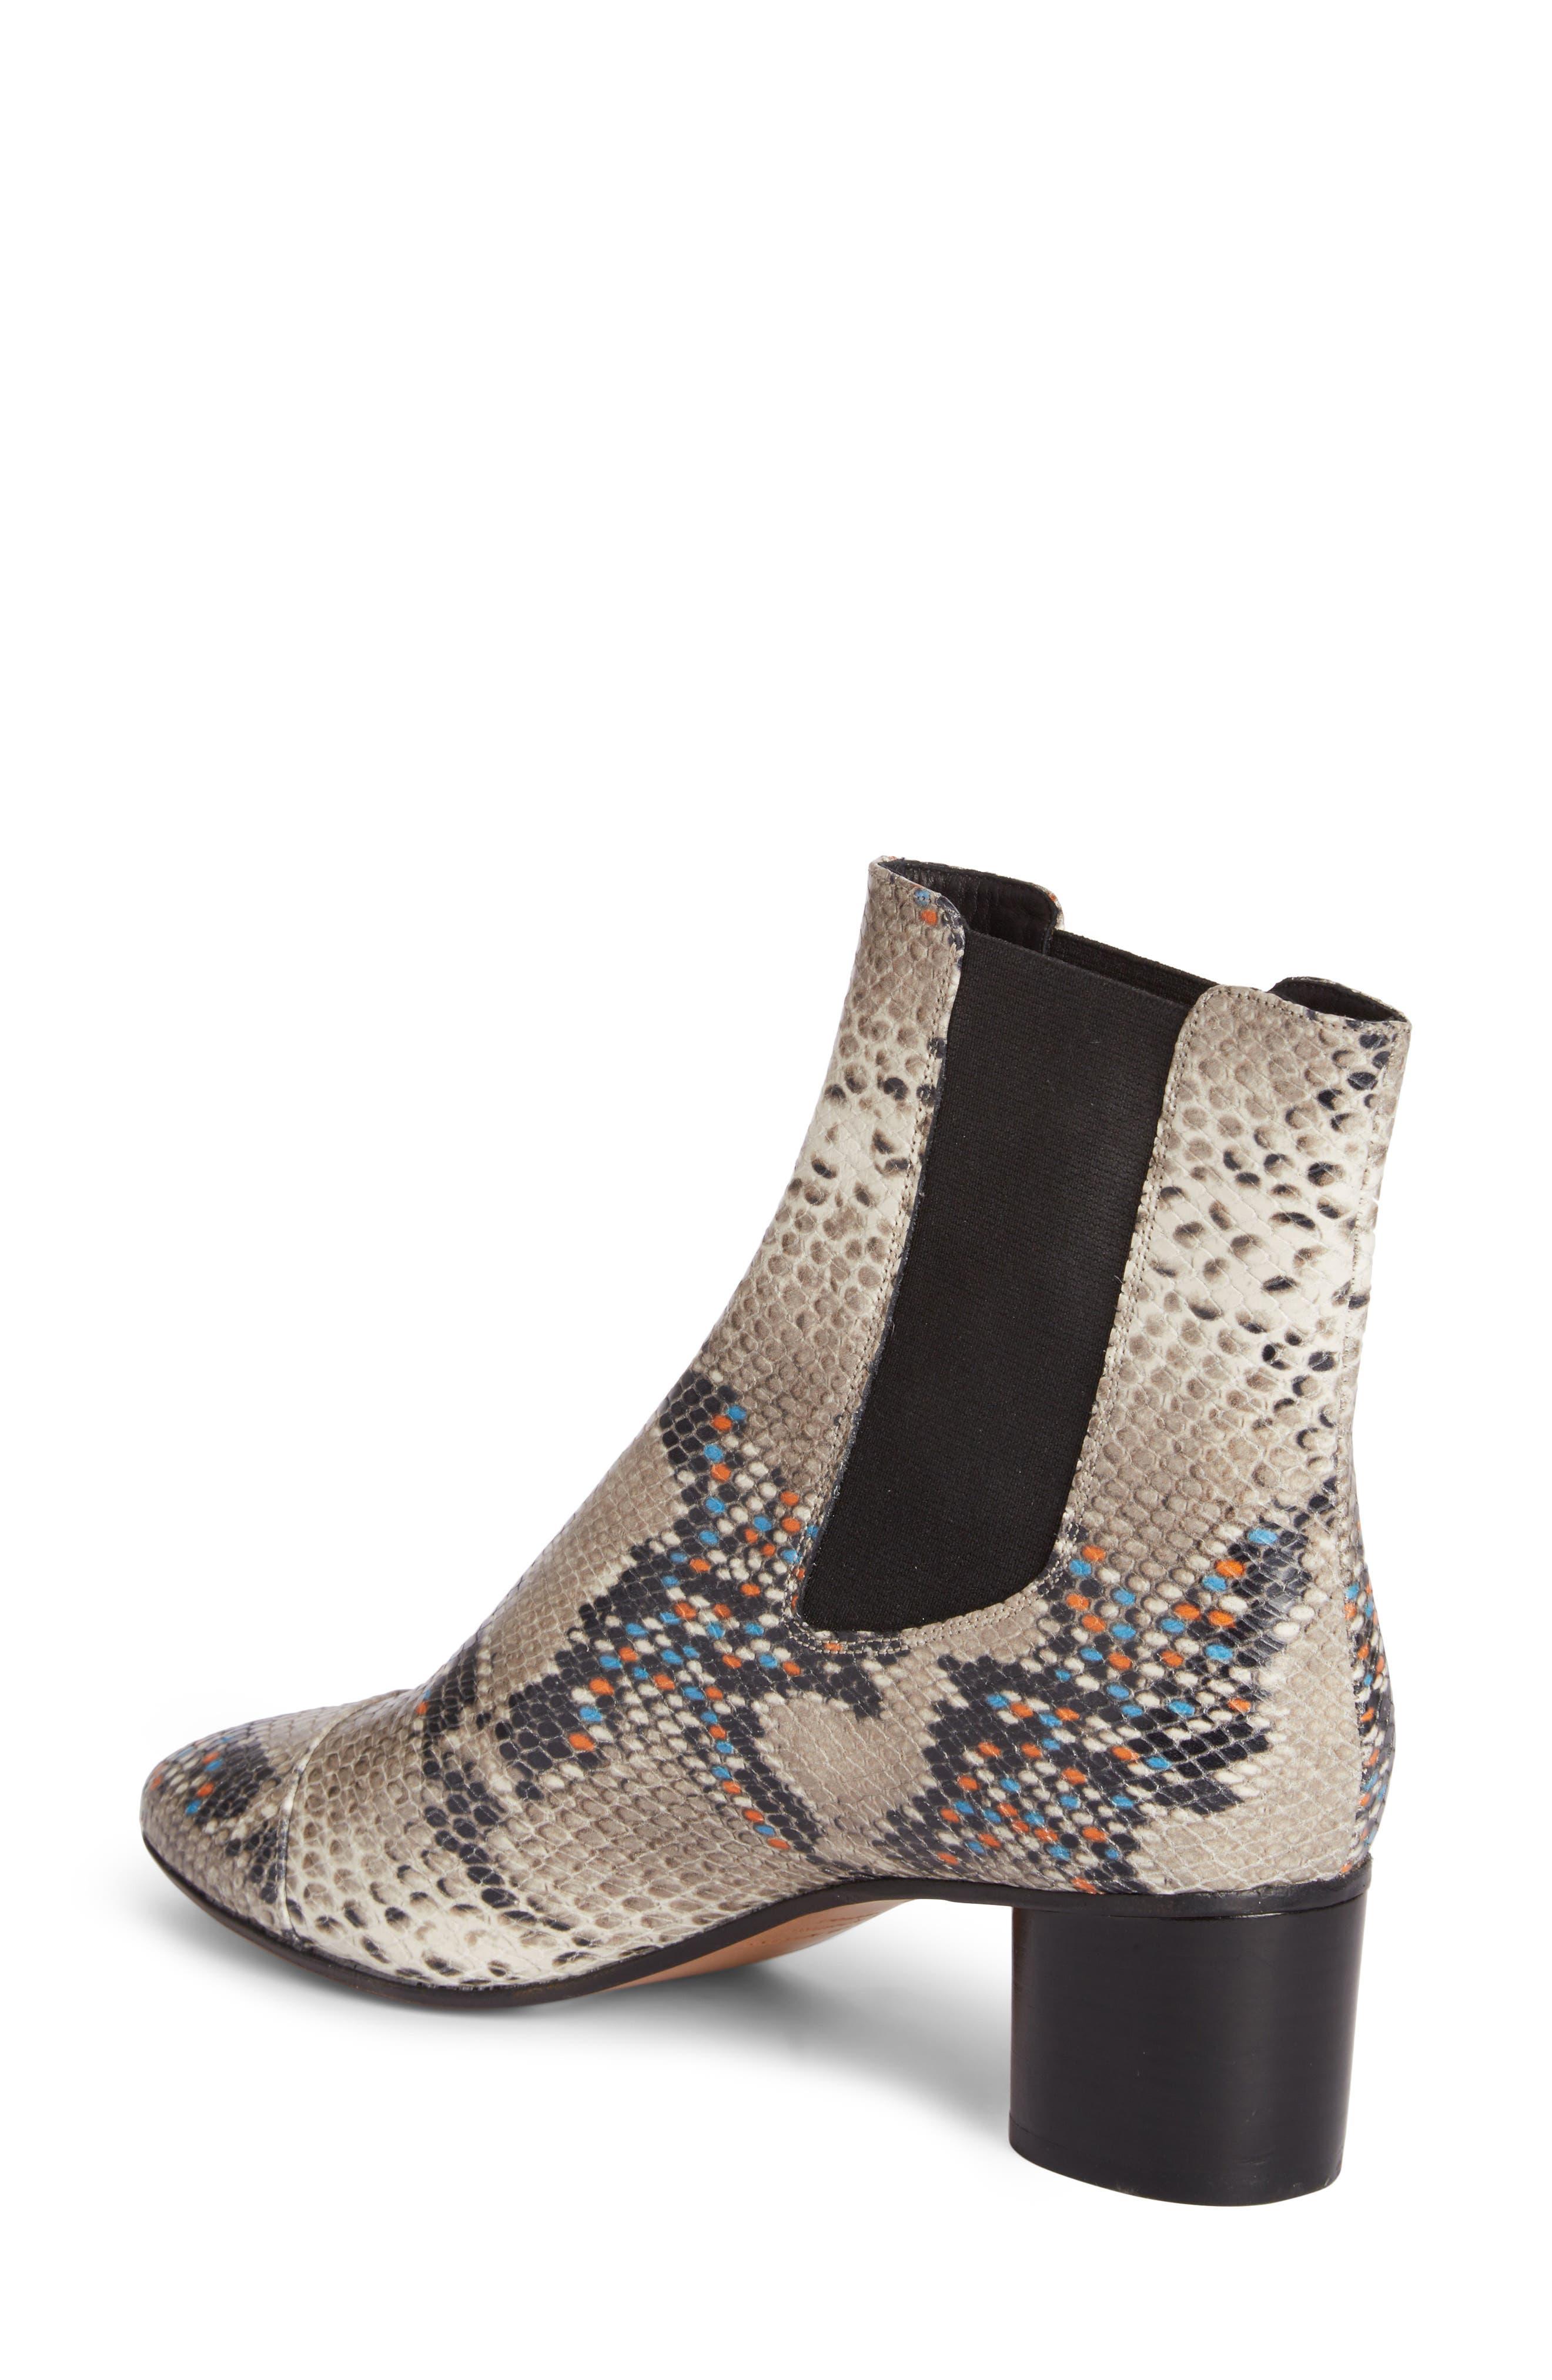 Danelya Snakeskin Embossed Chelsea Boot,                             Alternate thumbnail 2, color,                             Grey